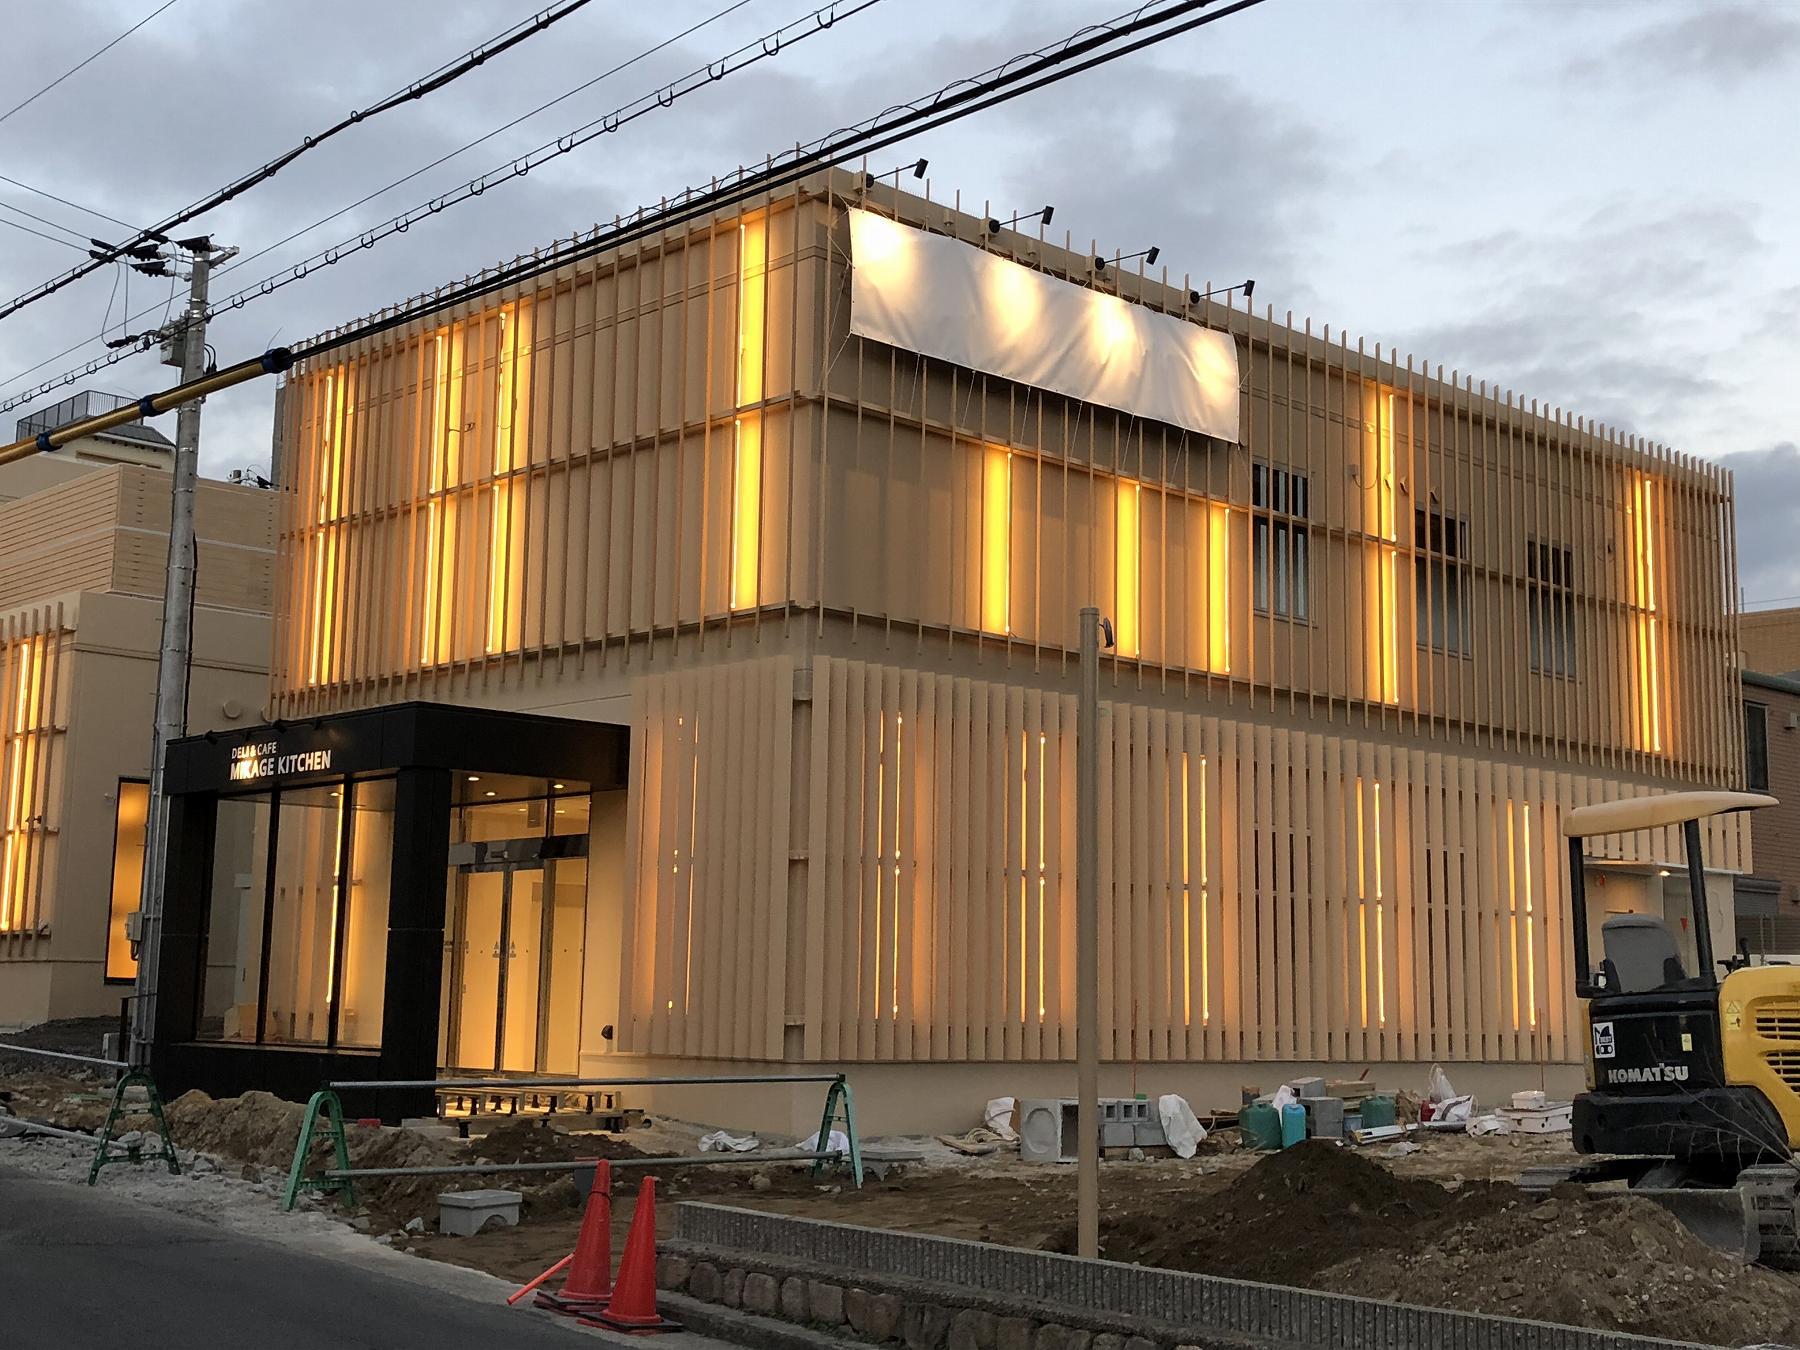 神戸・御影に「マチマルシェ御影」が2018年3月上旬にオープン予定だよ!#新規オープン #マチマルシェ御影